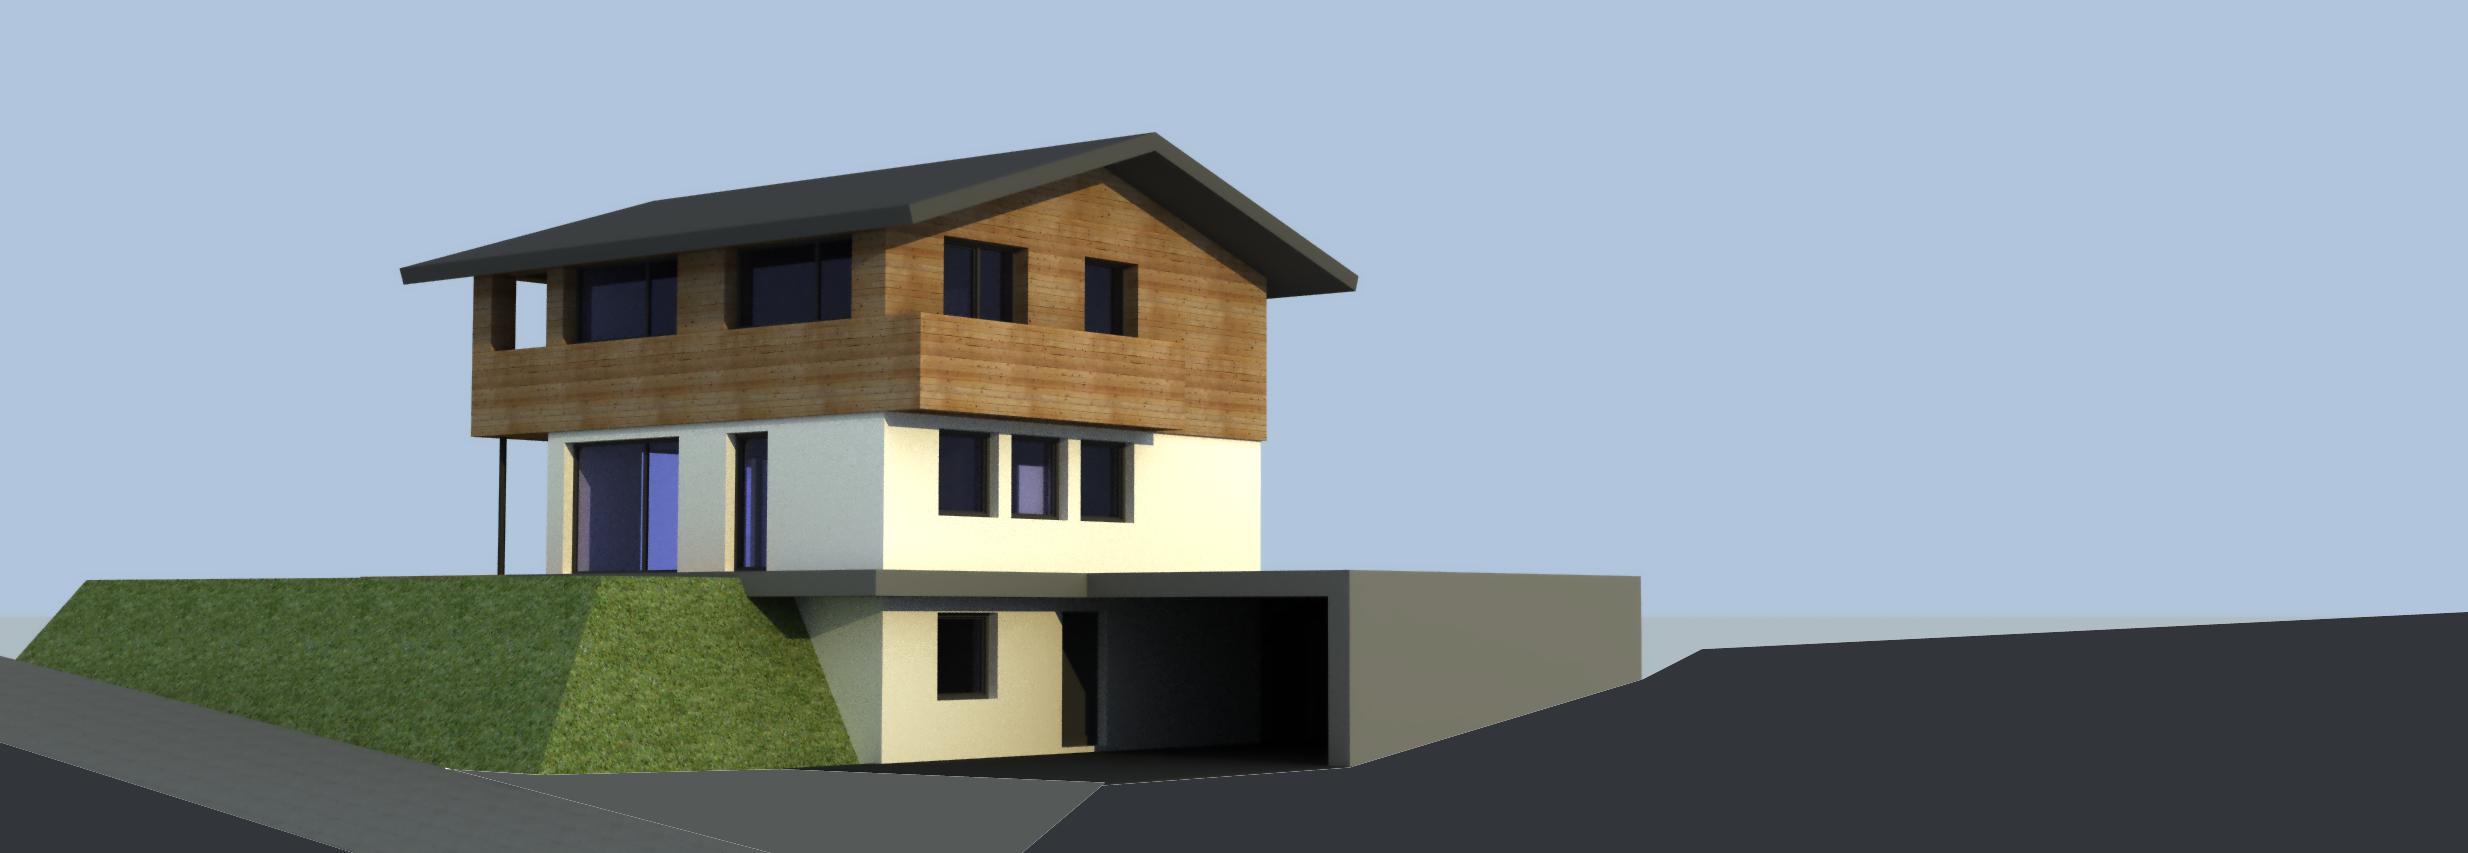 Wohnhaus DOWE | Wenns